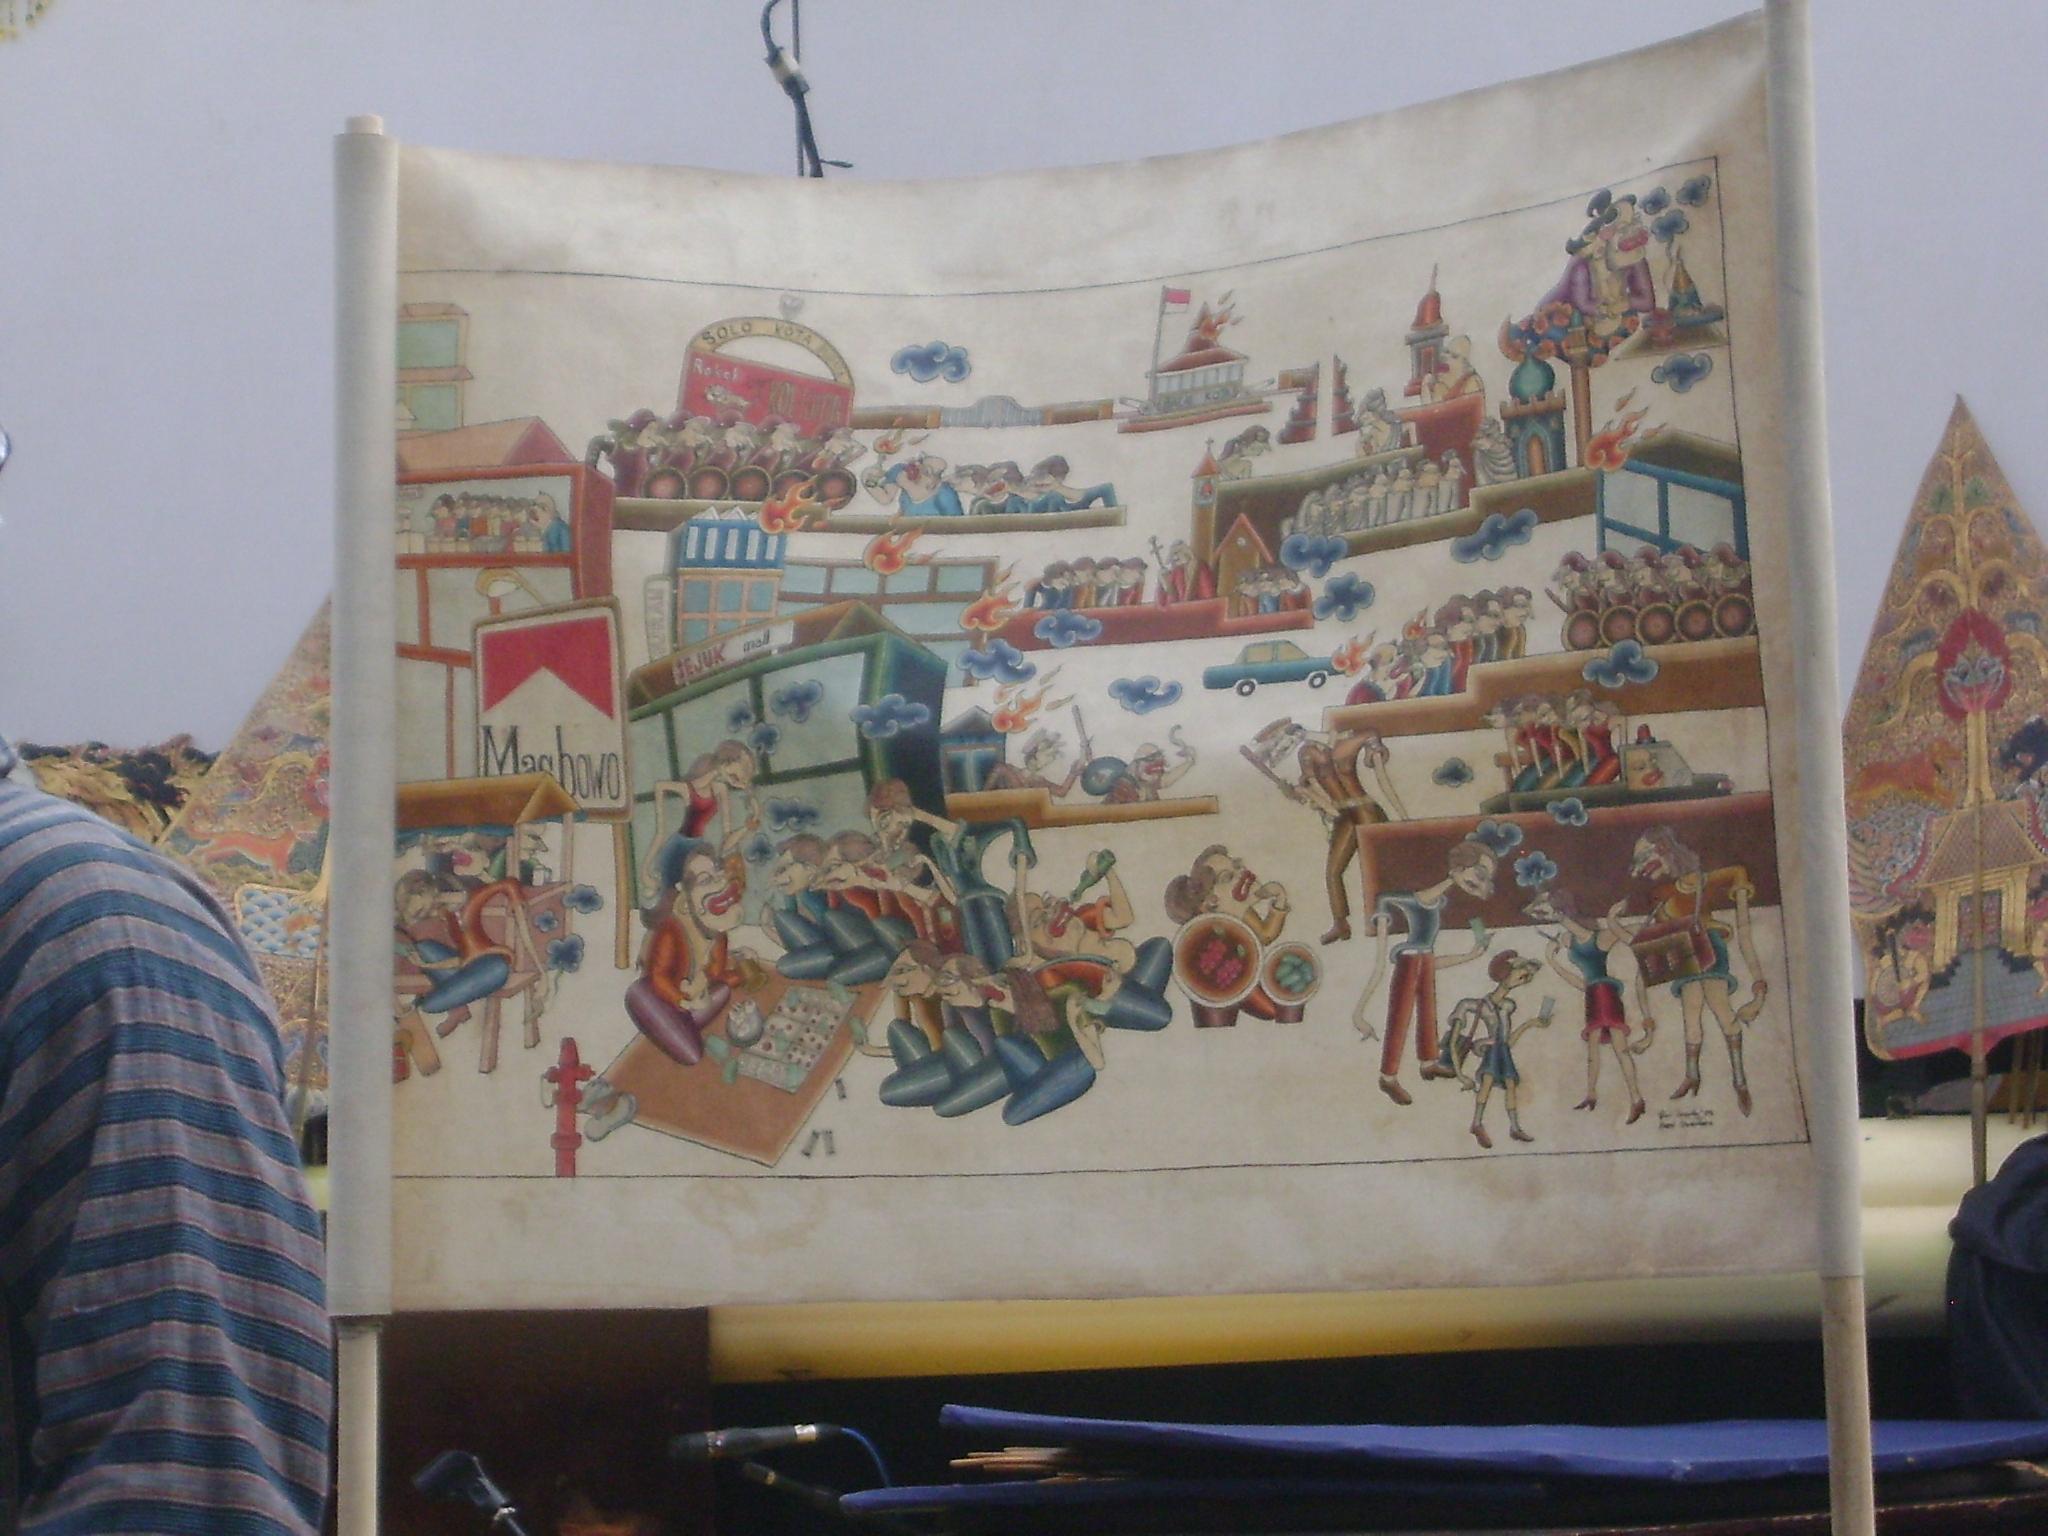 <em>Wayang beber Metropolitan</em>, compagnie de théâtre de Jakarta qui raconte des histoires contemporaines à l'aide de gros rouleaux peints, la version moderne du wayang beber.